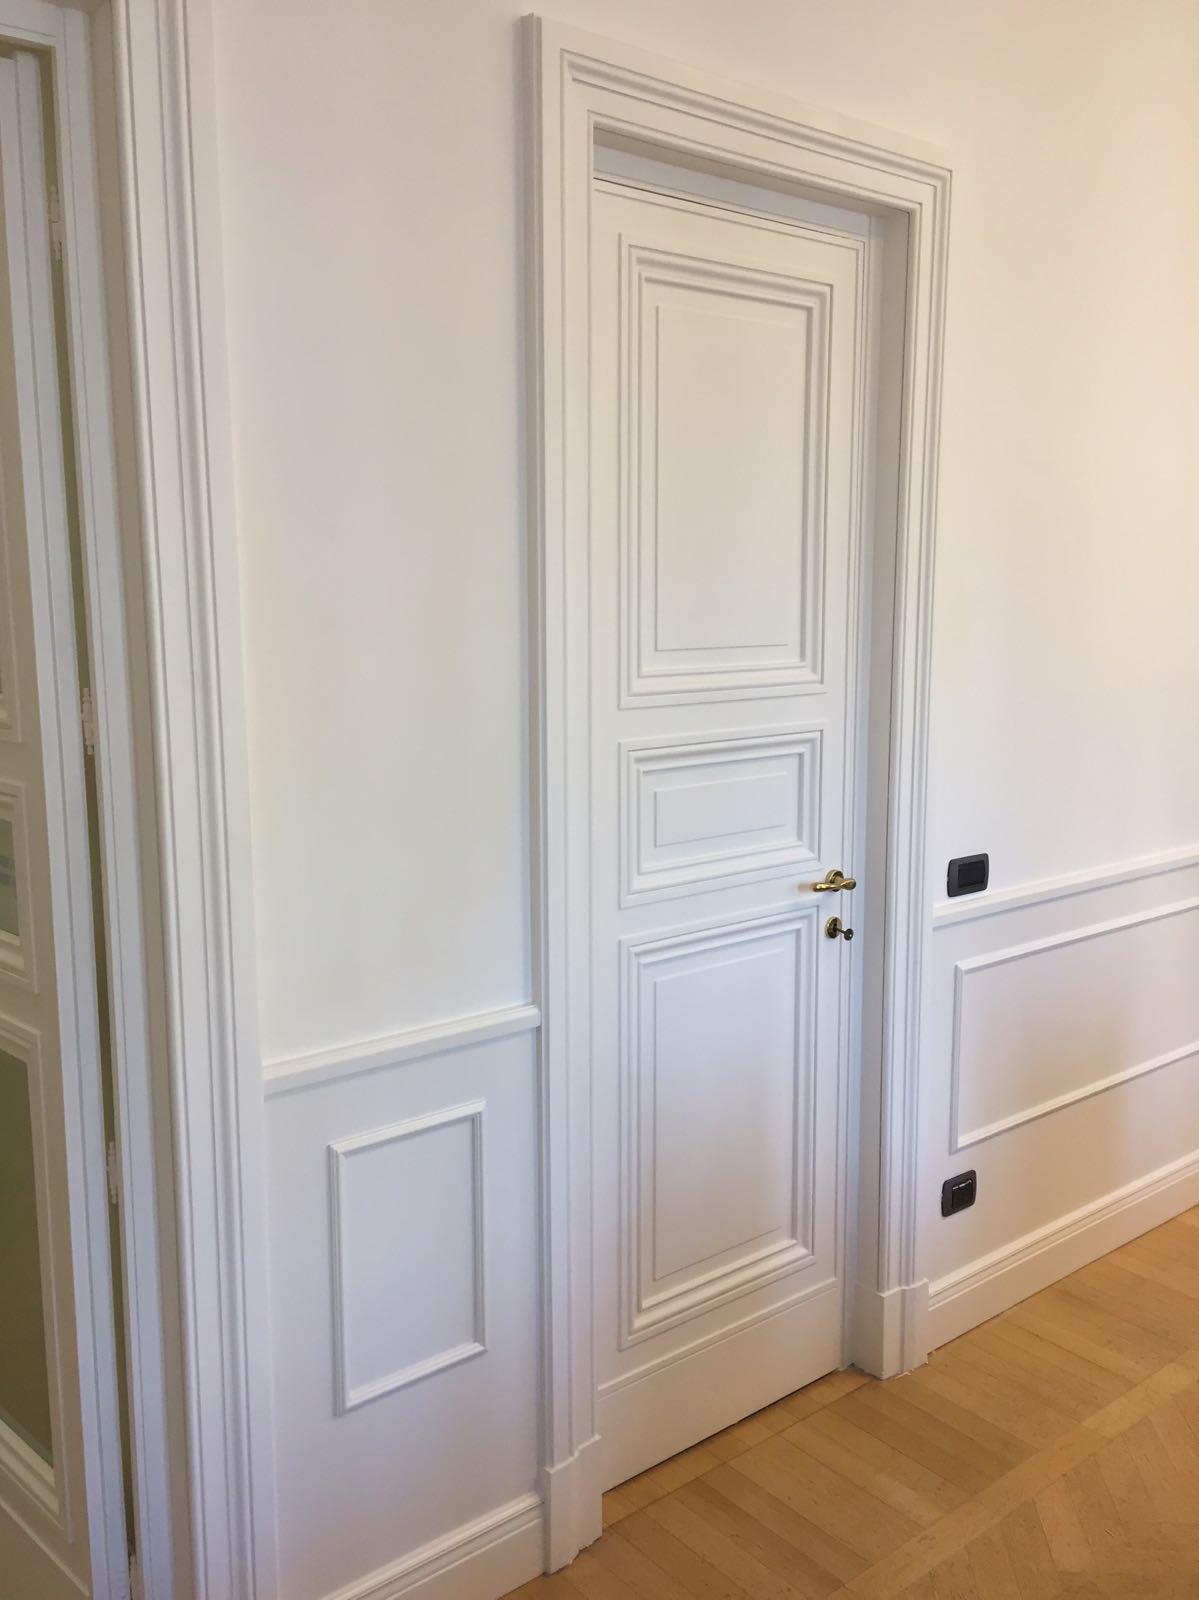 porte laccare bianche Firenze